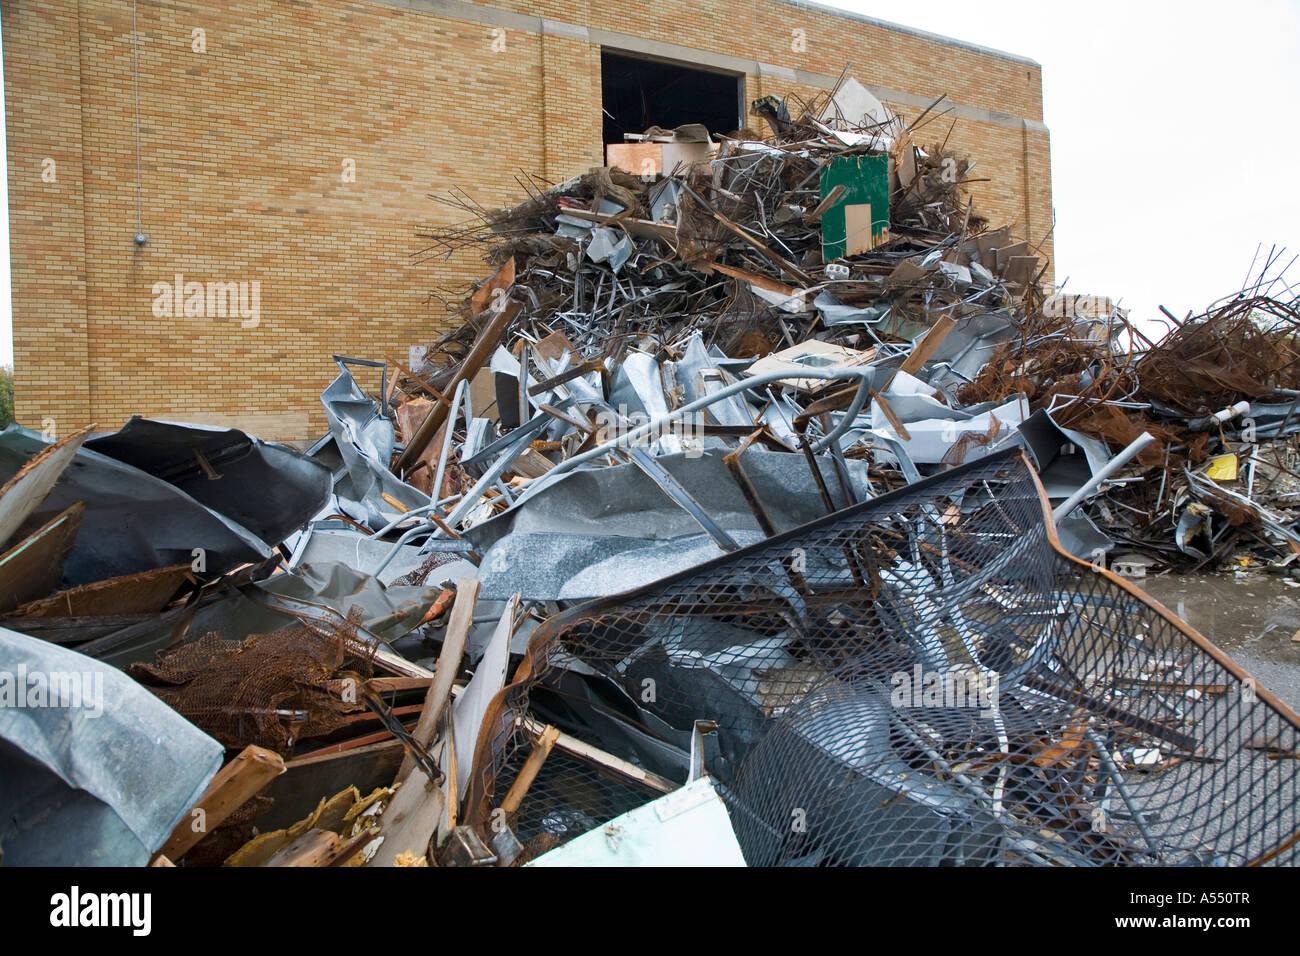 School Being Demolished - Stock Image